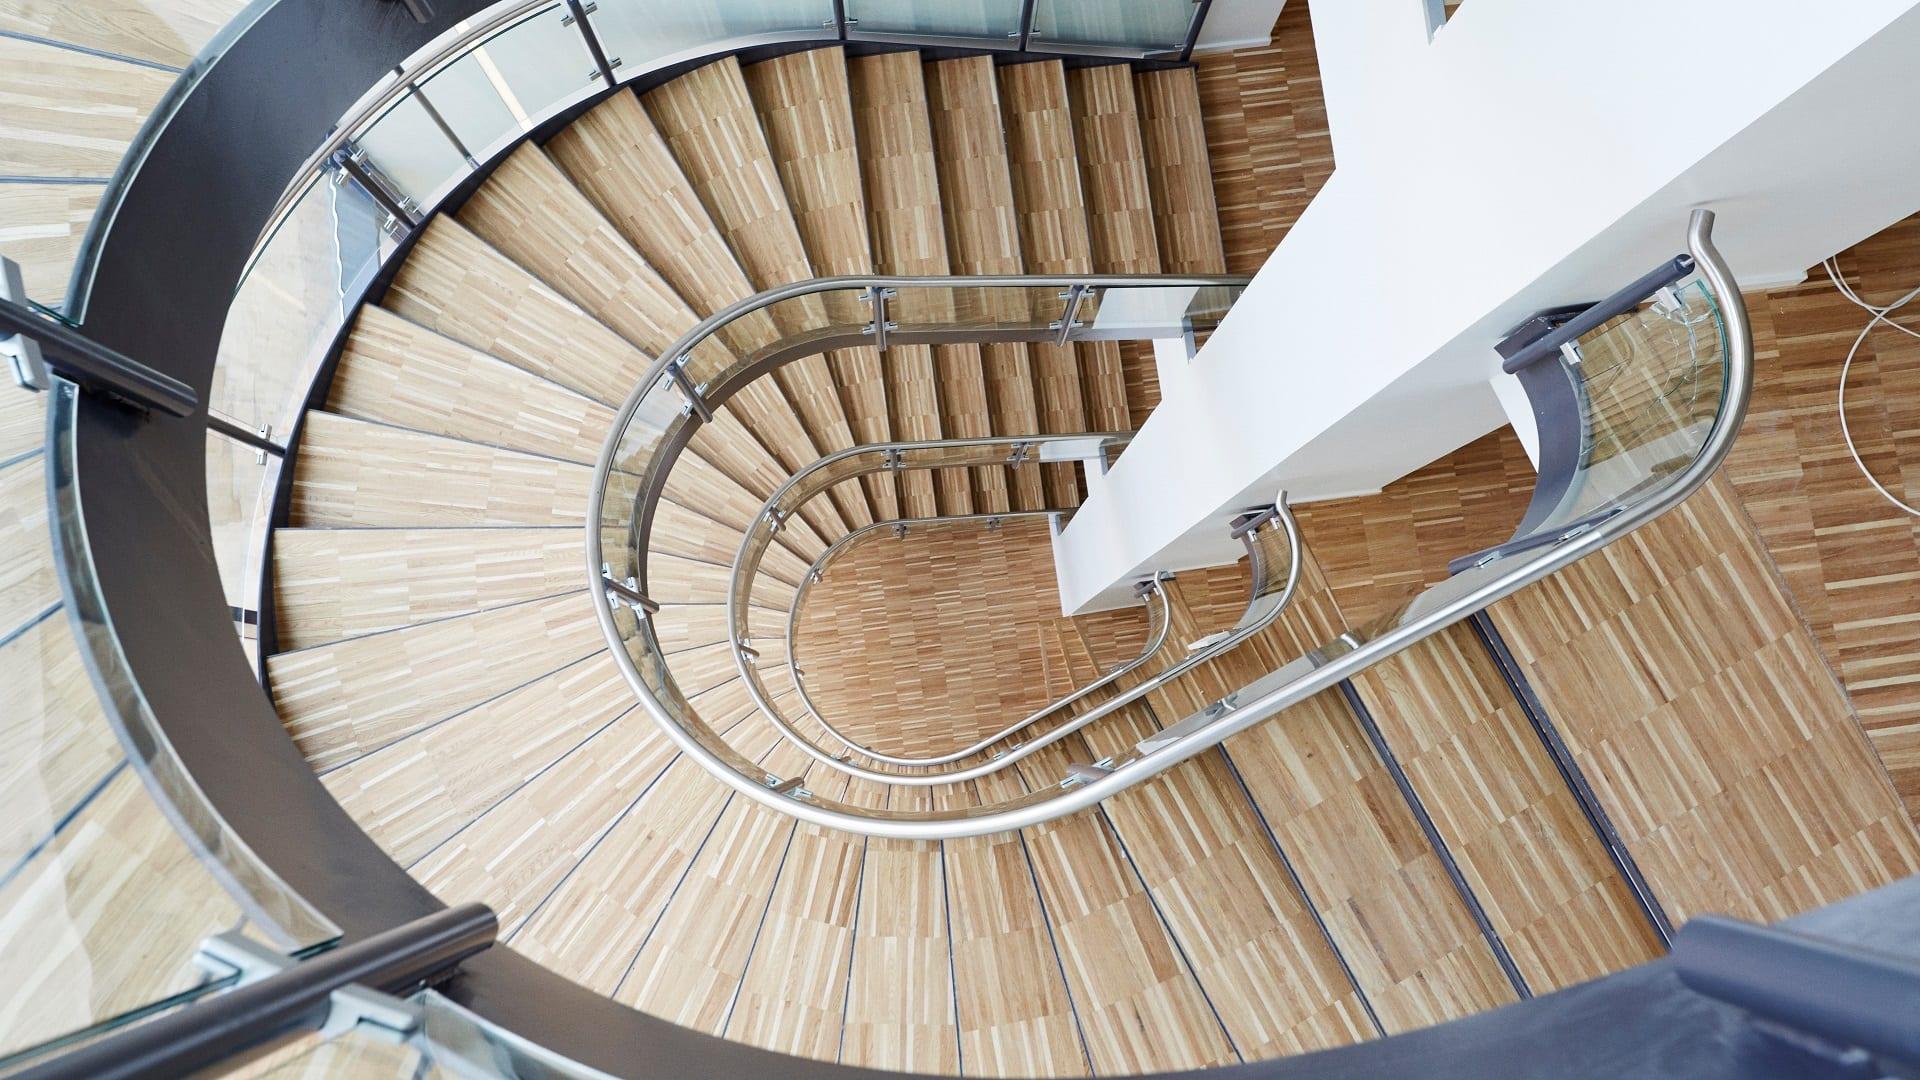 89ccef59 Solid Line | High quality LSE floor/wood floor | HØRNING